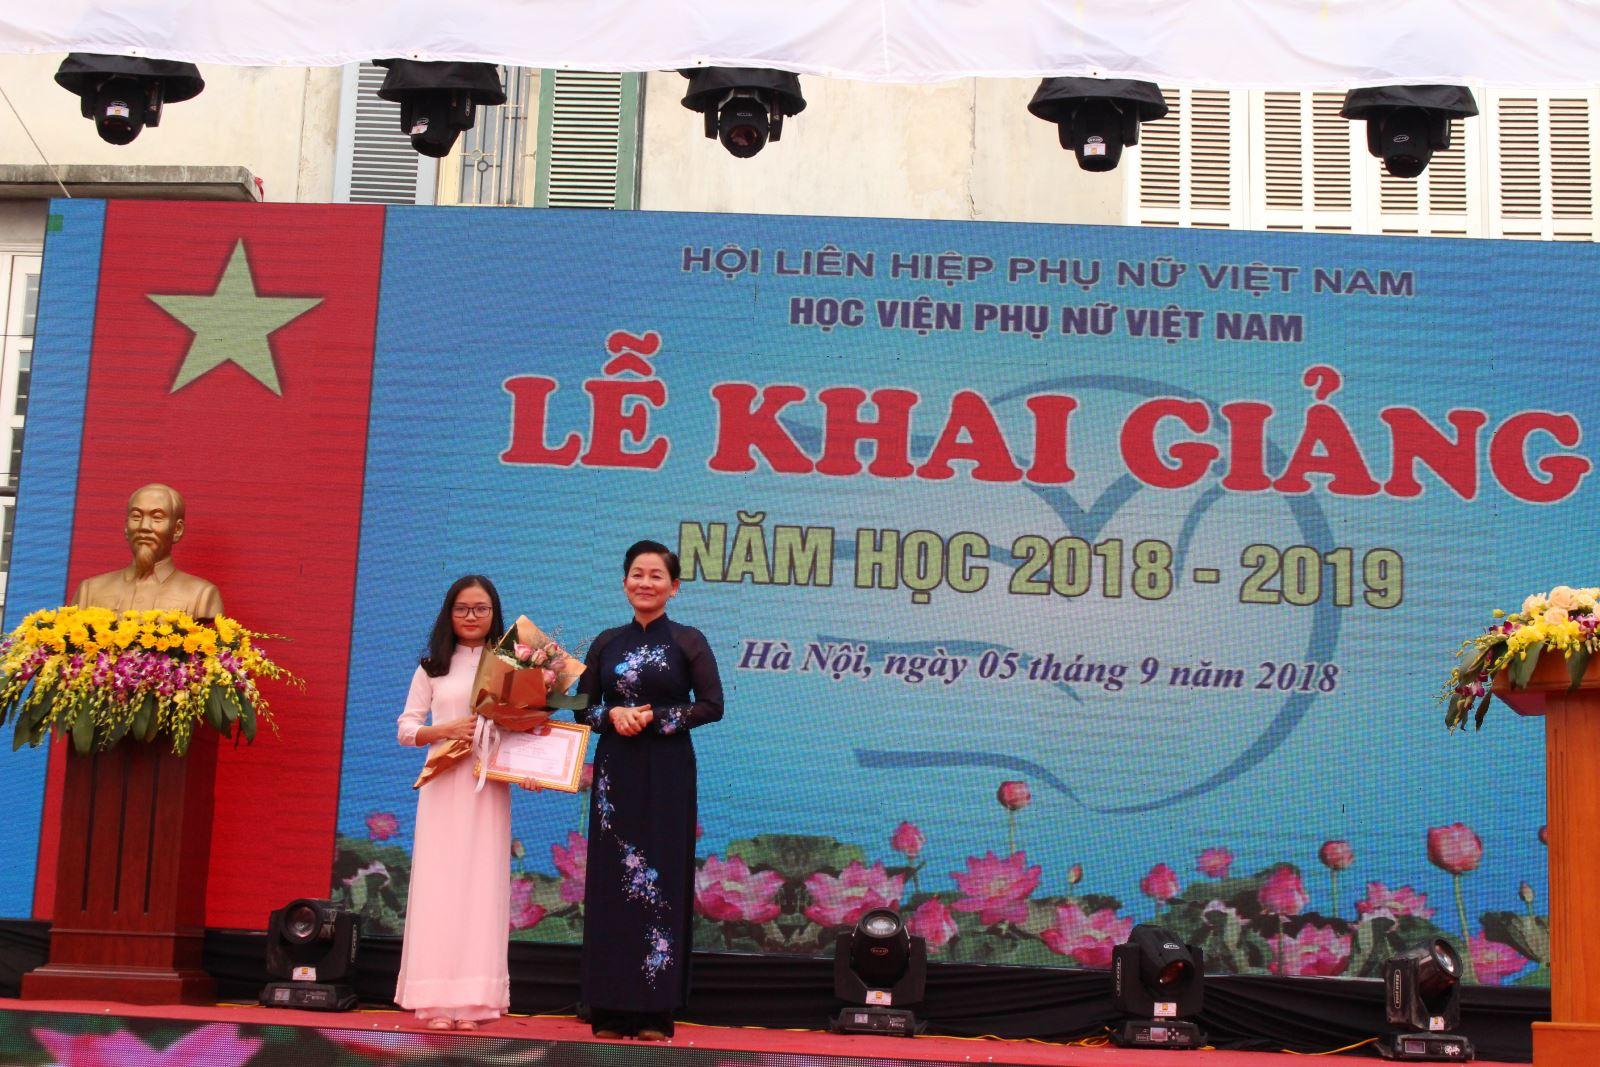 Học viện Phụ nữ Việt Nam tổ chức khai giảng năm học mới 2018 - 2019